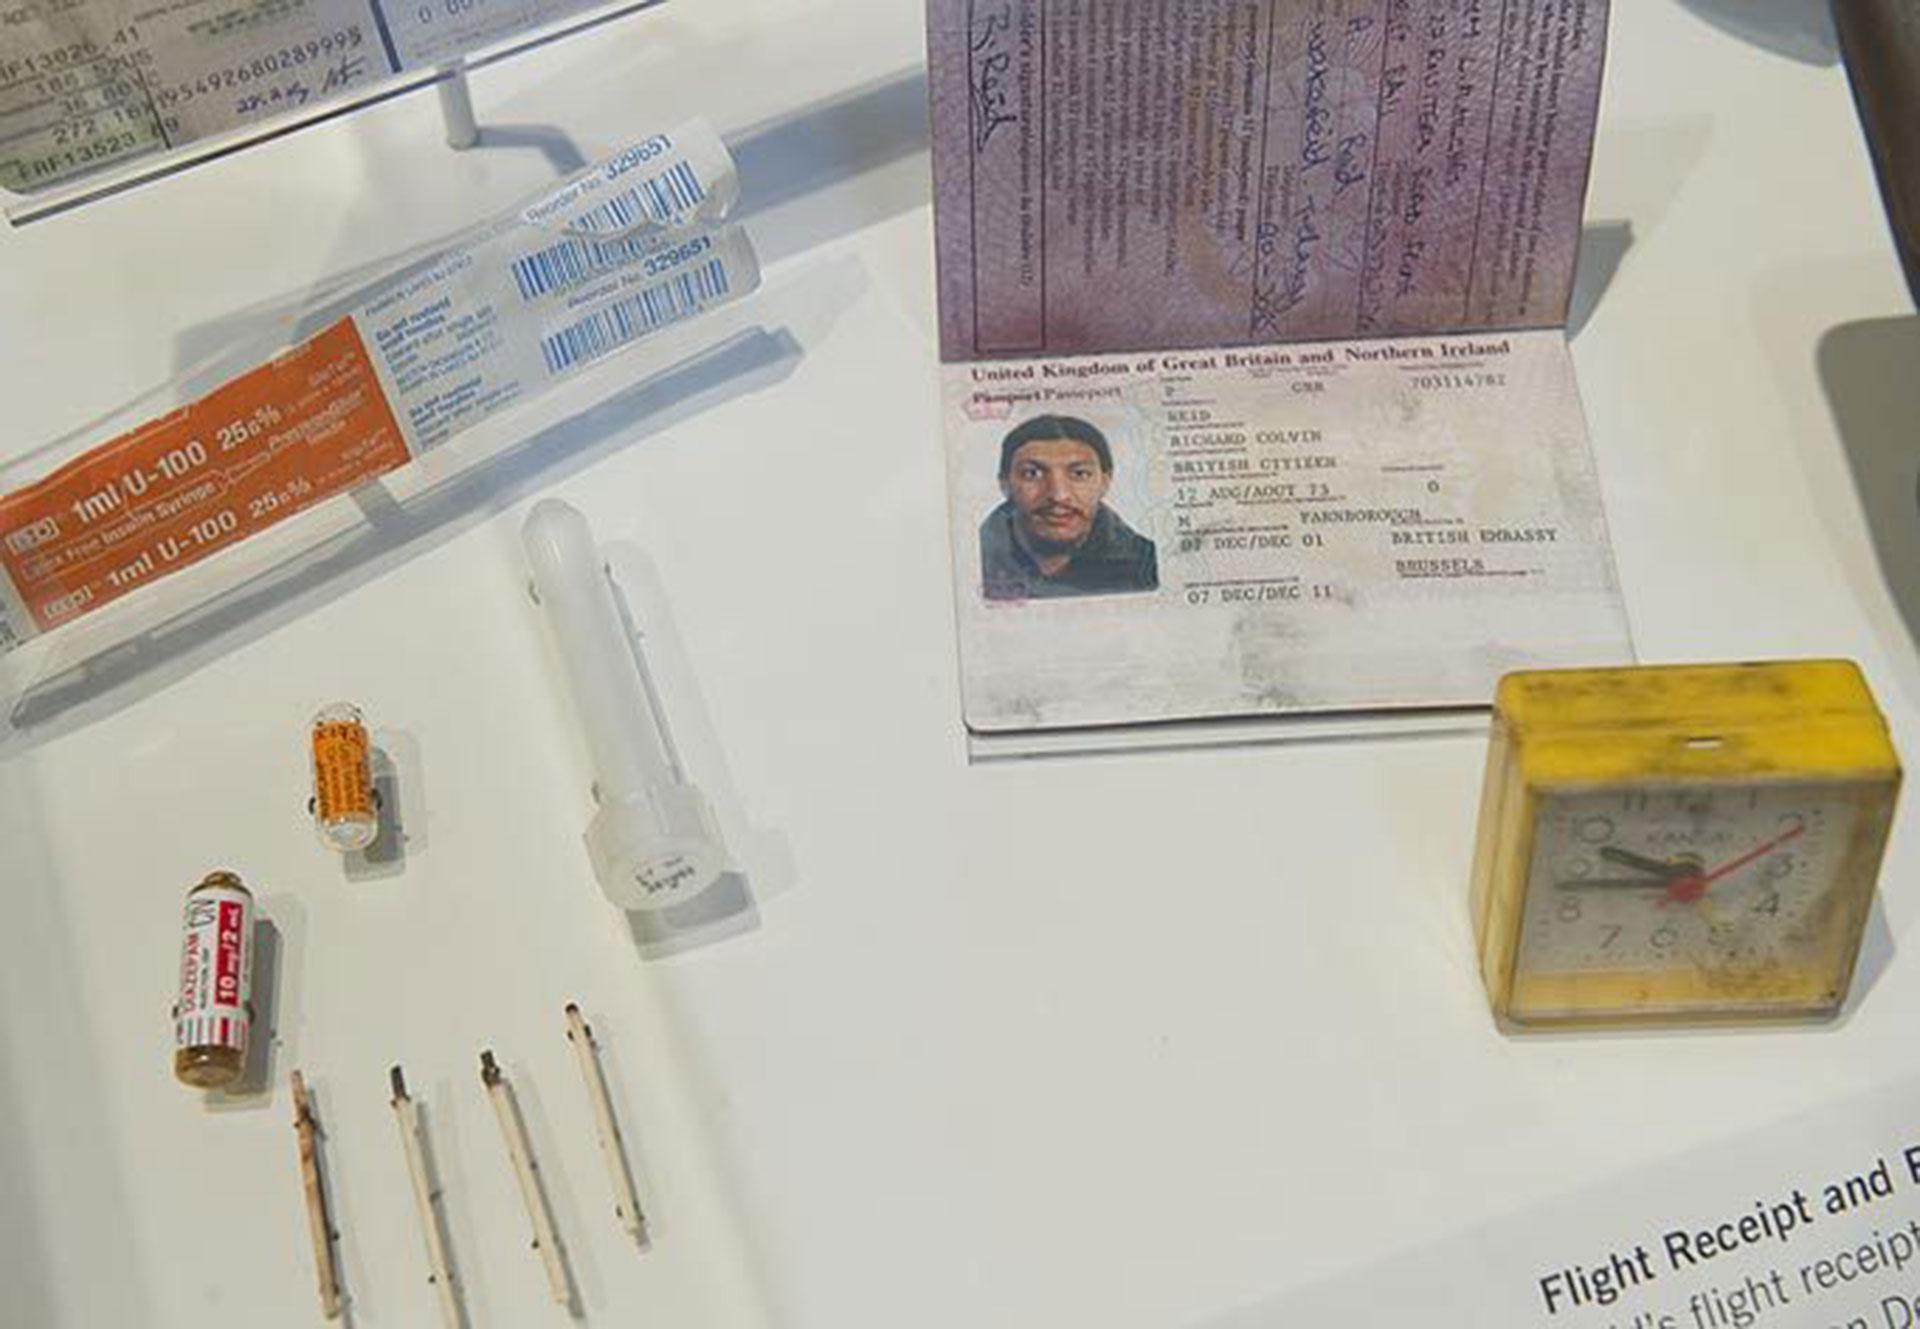 El pasaporte de Richard Reid, un terrorista de Al Qaeda que intentó, sin éxito, realizar otro ataque el 22 de septiembre de 2001